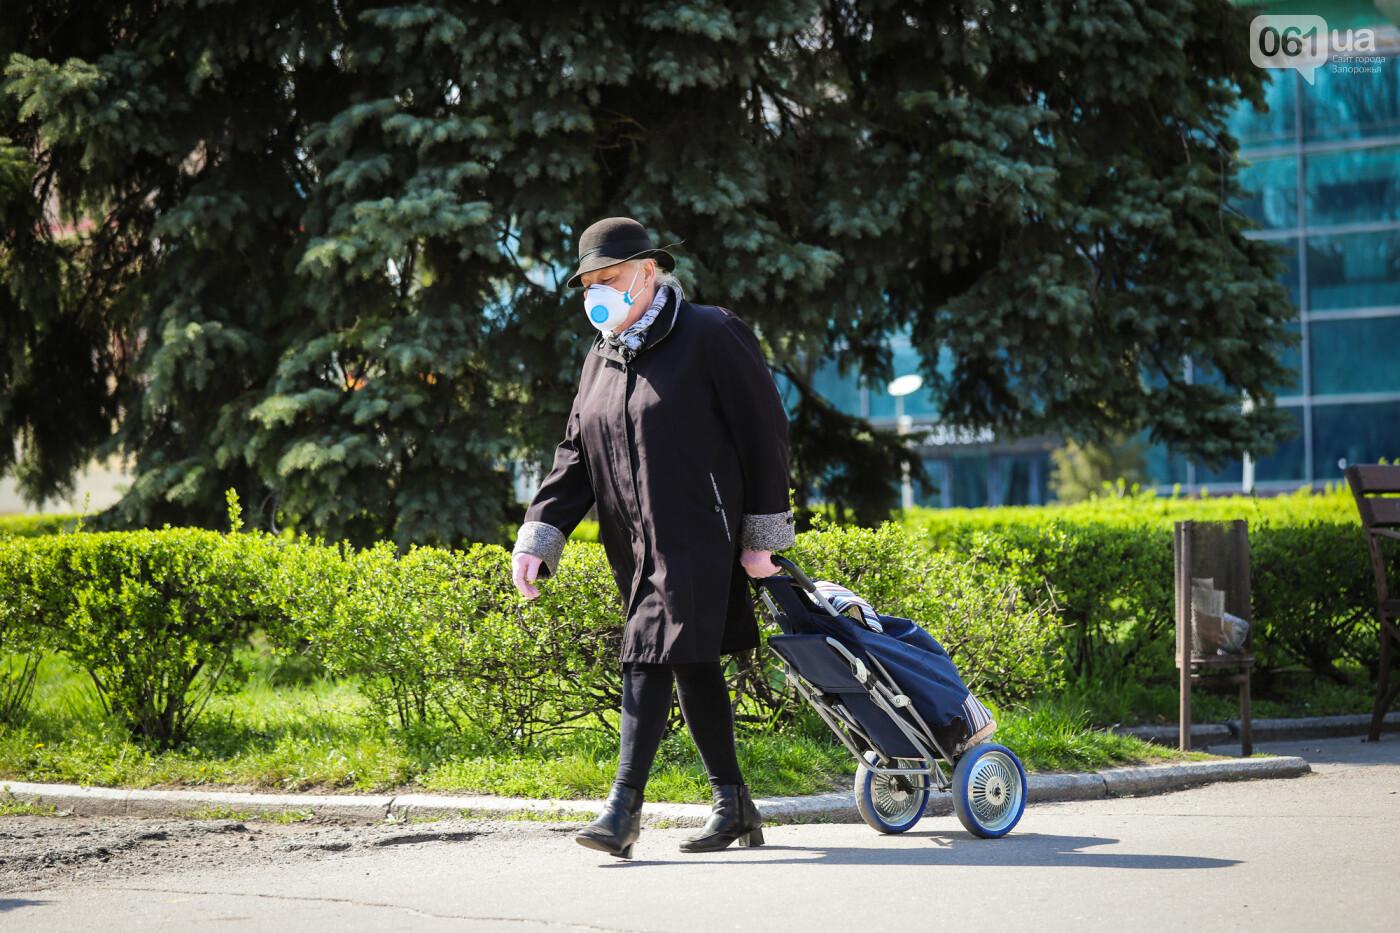 Вход только в масках: как выглядит Запорожье на карантине, - ФОТОРЕПОРТАЖ, фото-40